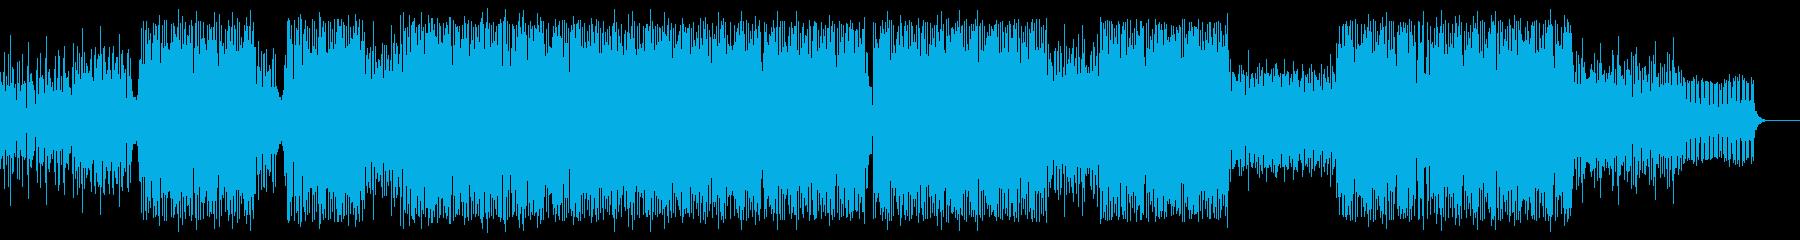 記憶の奥底へとトリップするテクノ/ポップの再生済みの波形